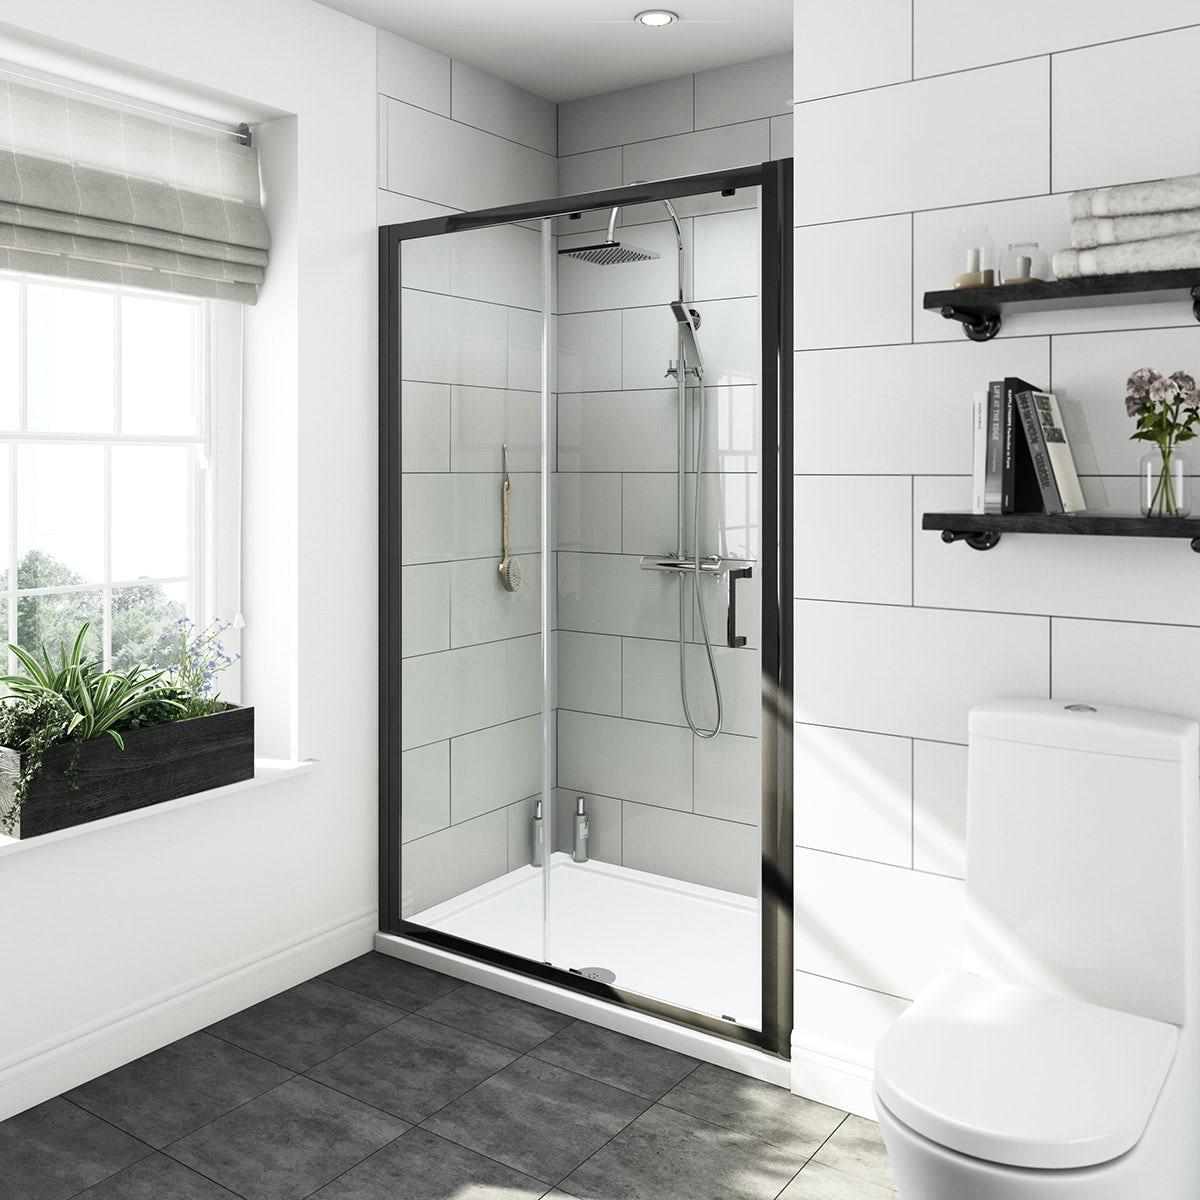 & Mode Tate black 6mm sliding shower door 1200mm | VictoriaPlum.com